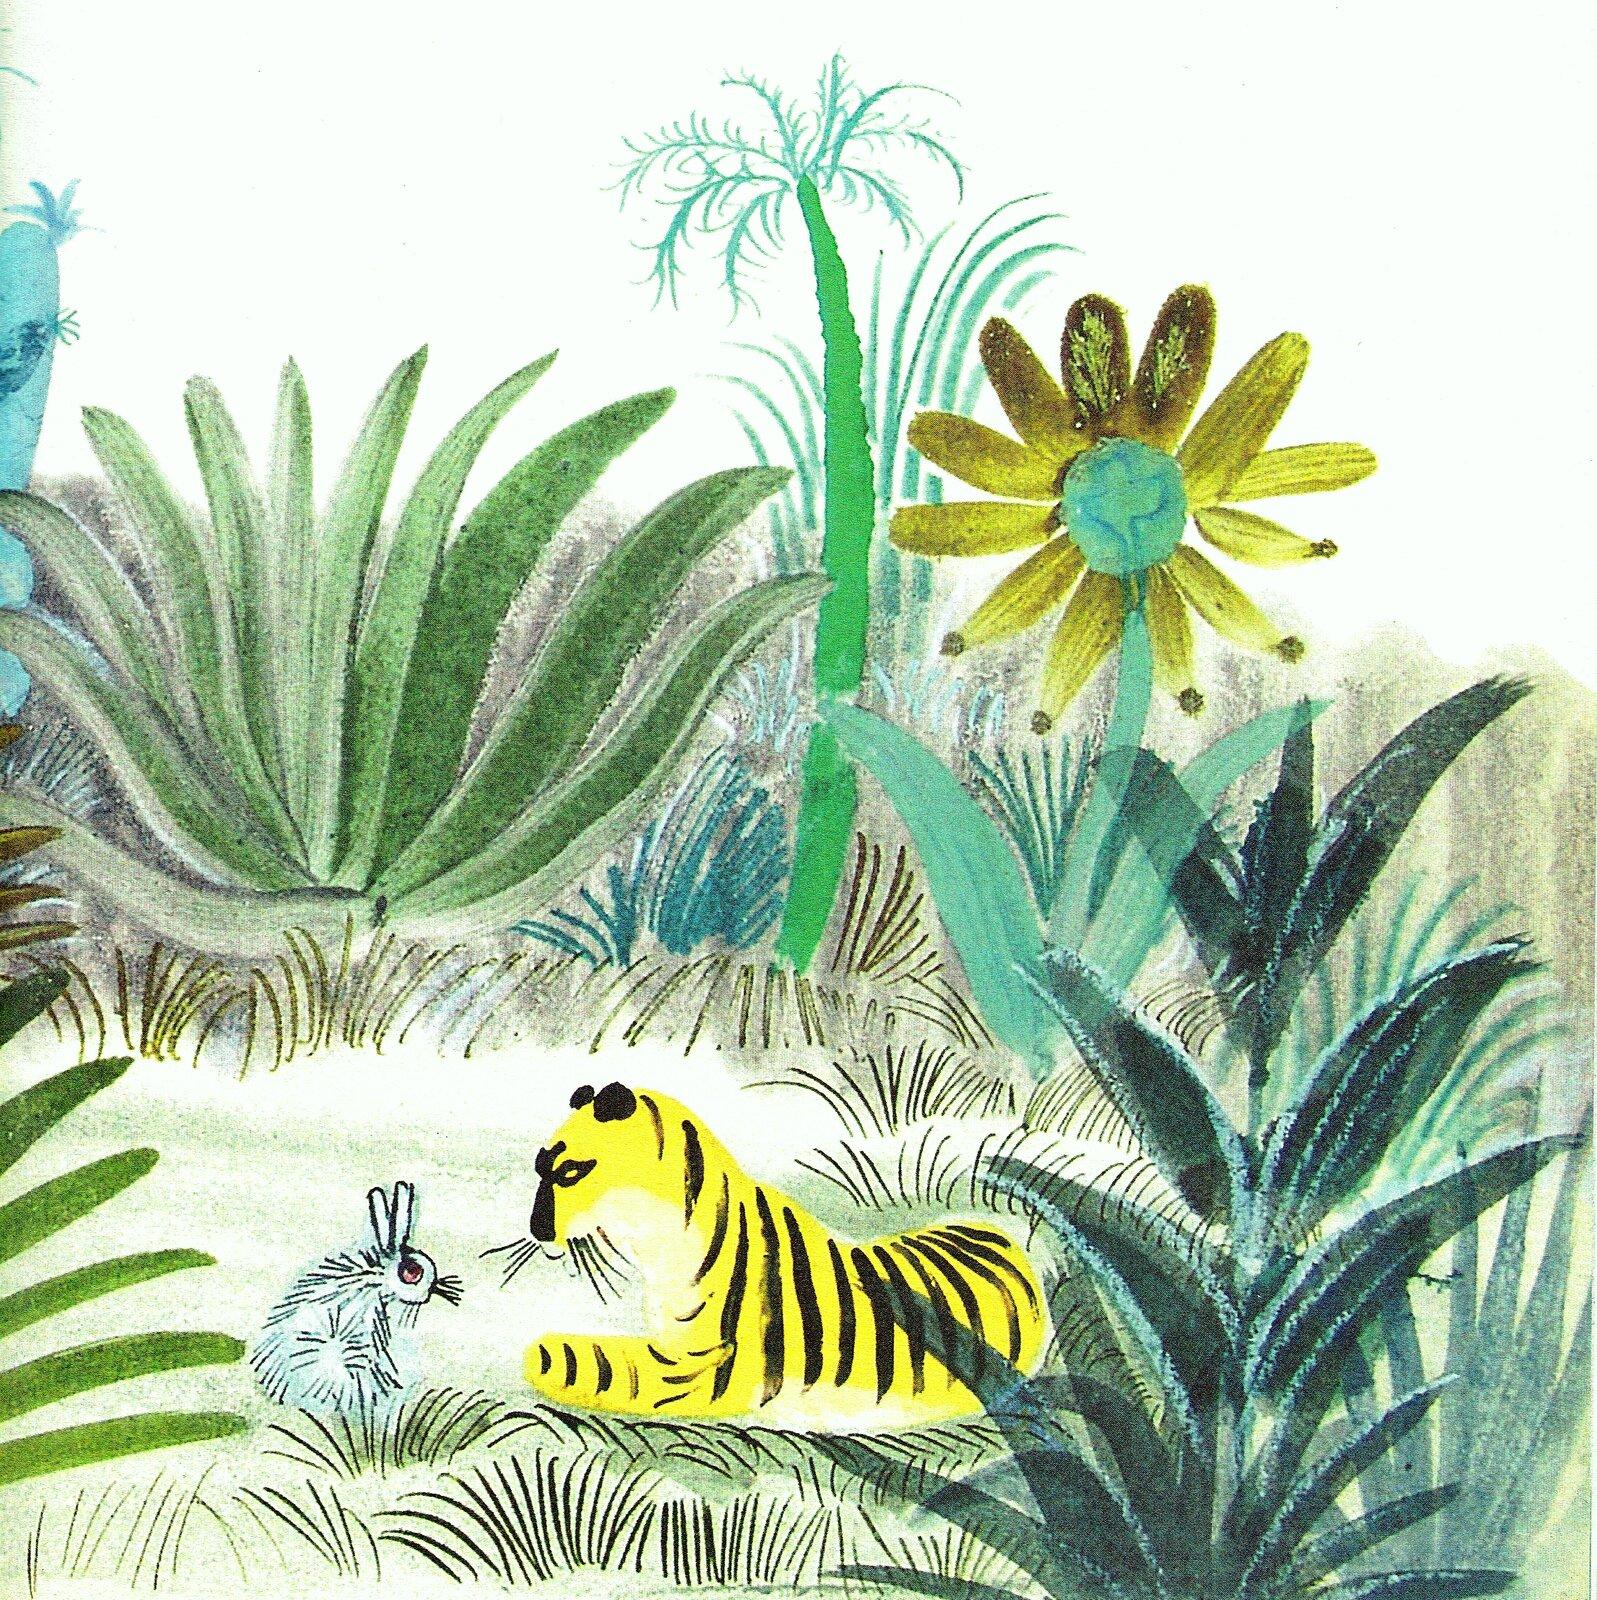 """Ilustracja przedstawia pracę Józefa Wilkonia zksiążki Czesława Janczarskiego """"Tygrys ozłotym sercu"""". Ukazuje leżącego tygrysa, który patrzy na siedzącego naprzeciw królika. Zwierzęta otoczone są zaroślami iegzotycznymi kwiatami."""